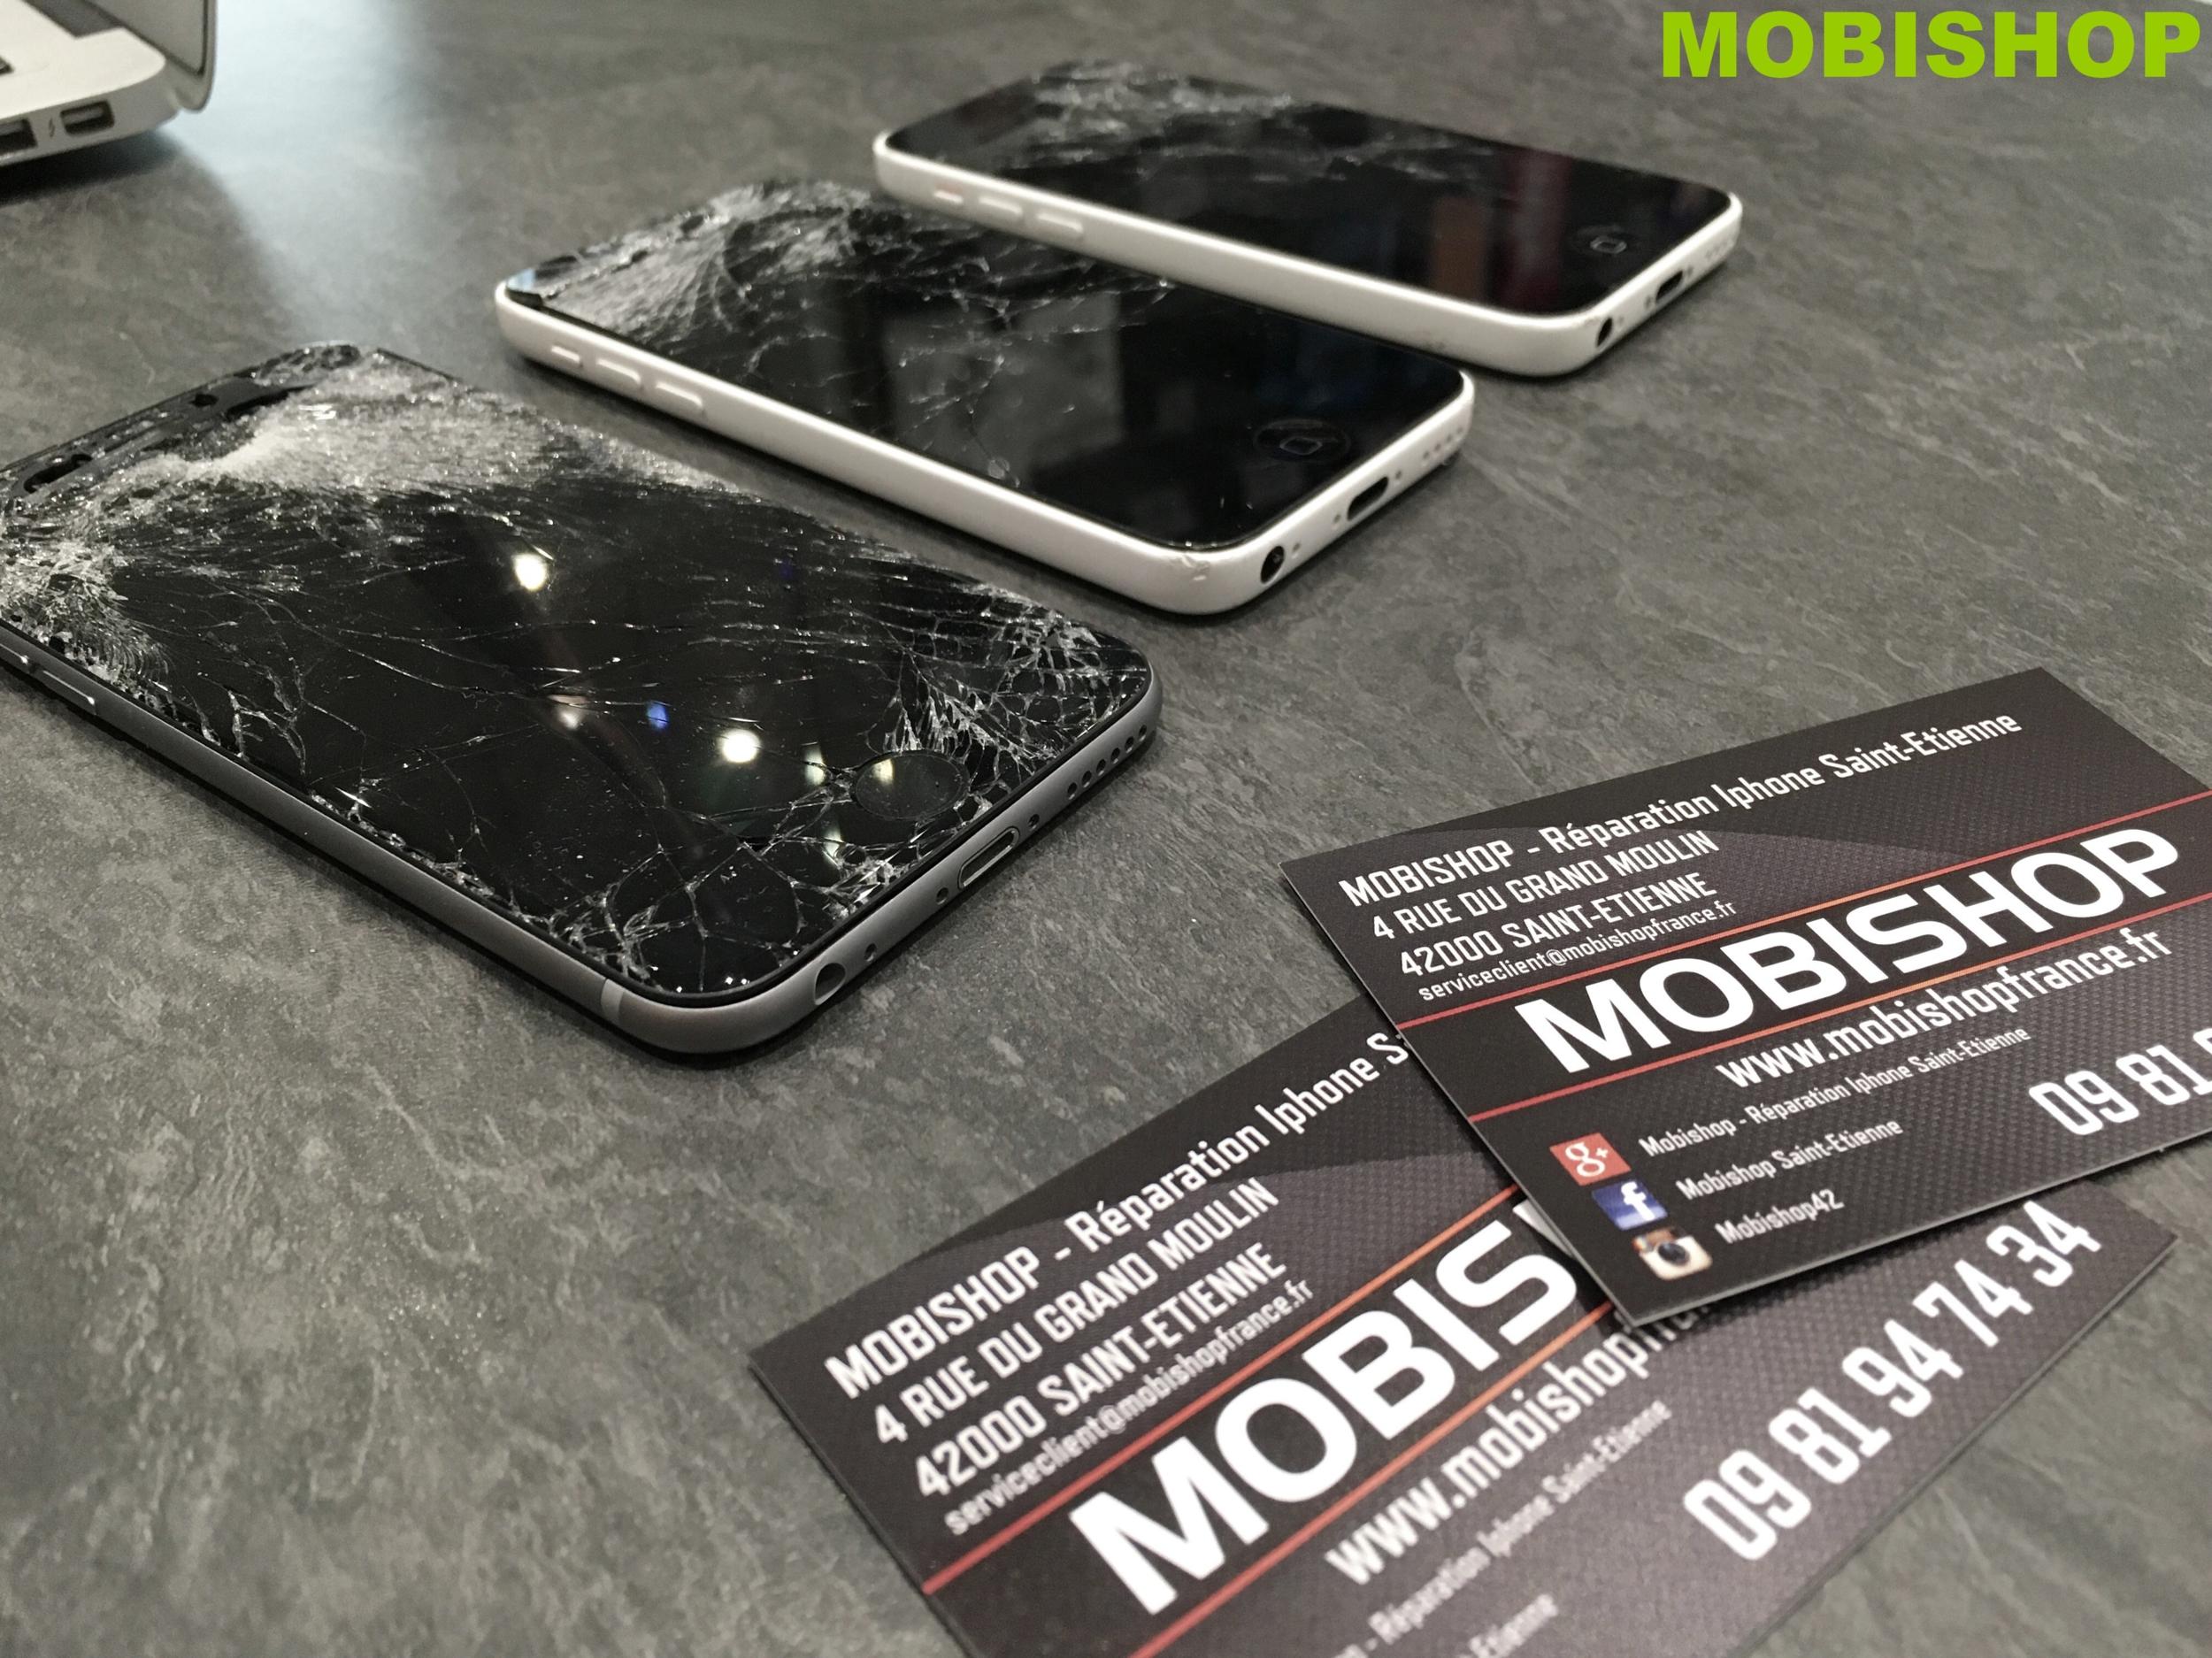 nous r parons votre cran d 39 iphone cass en seulement 15 minutes mobishop apple. Black Bedroom Furniture Sets. Home Design Ideas